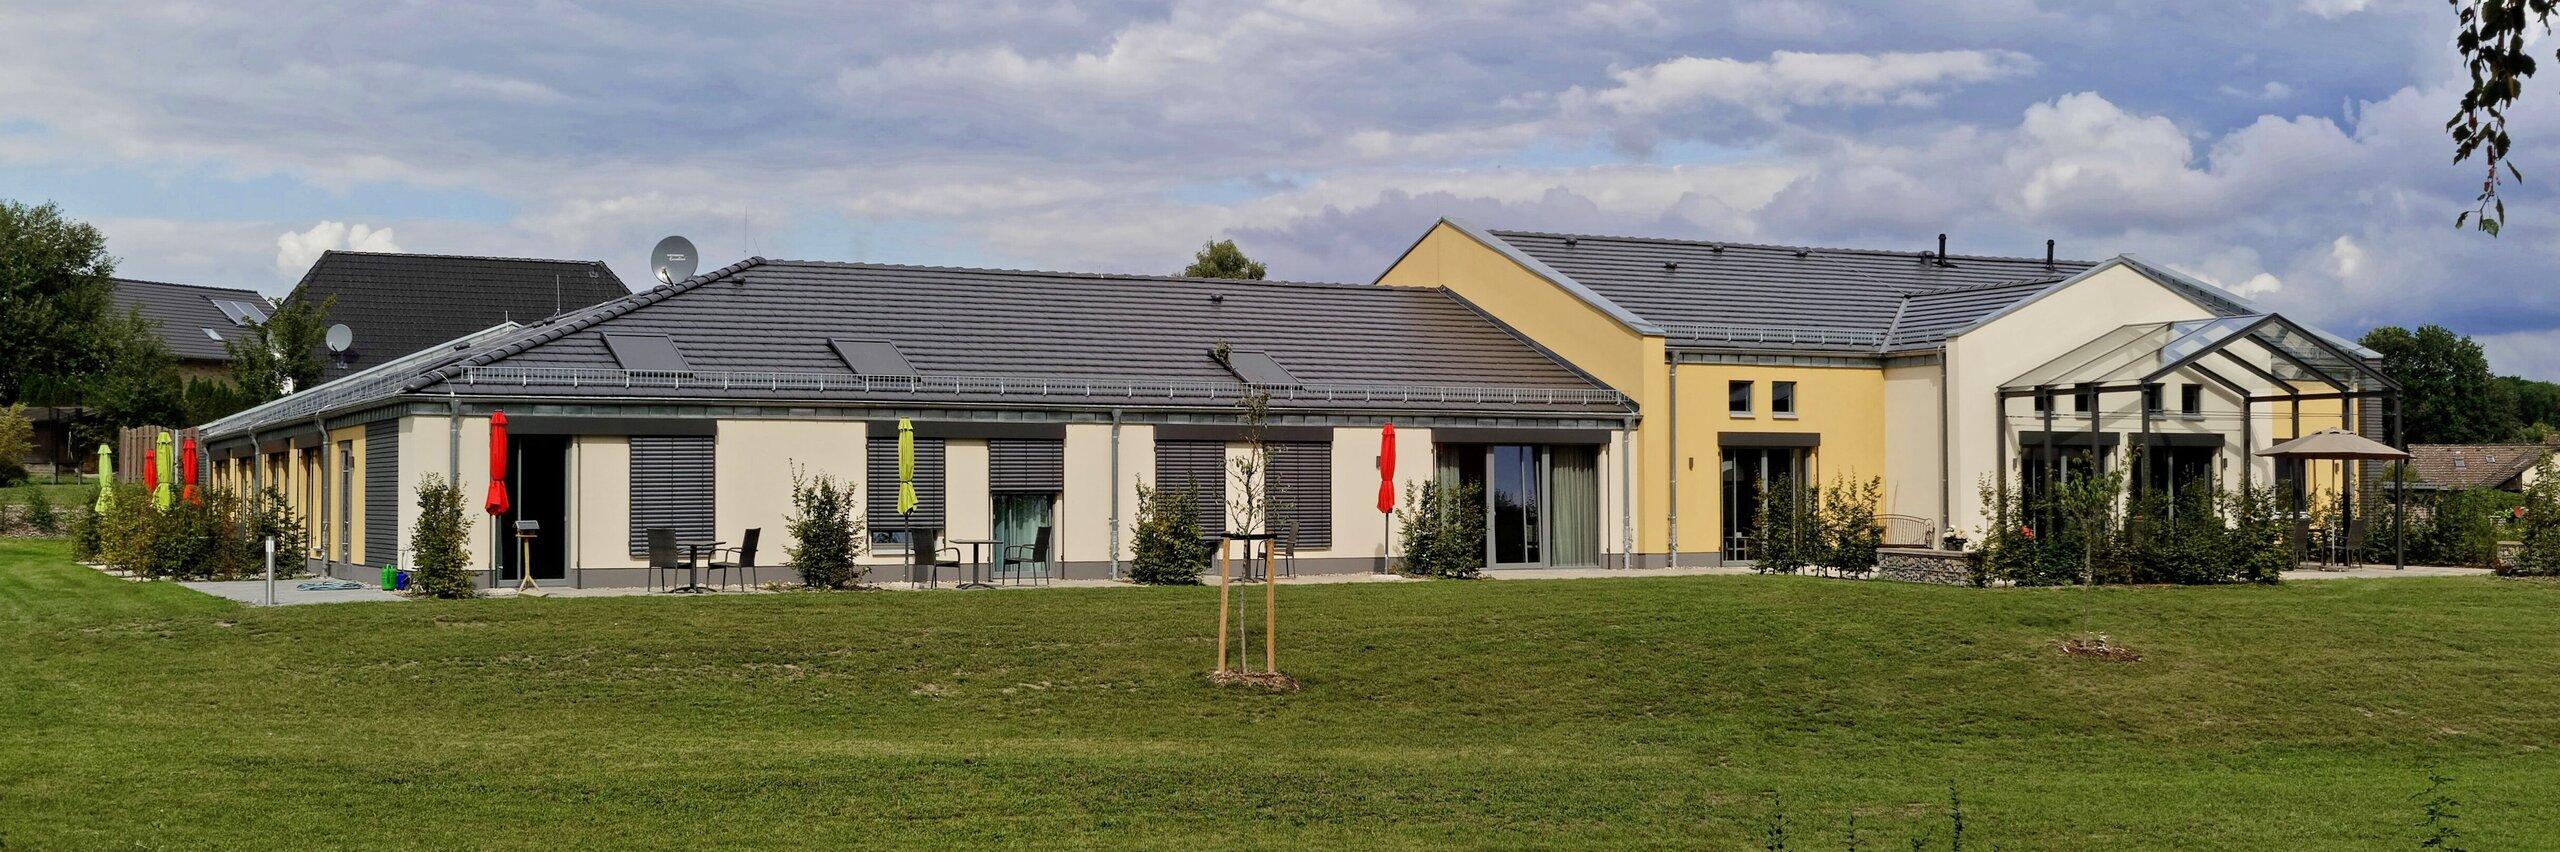 Grüne Wiesen umrahmen das Hospizhaus Heidekreis in Dorfmark